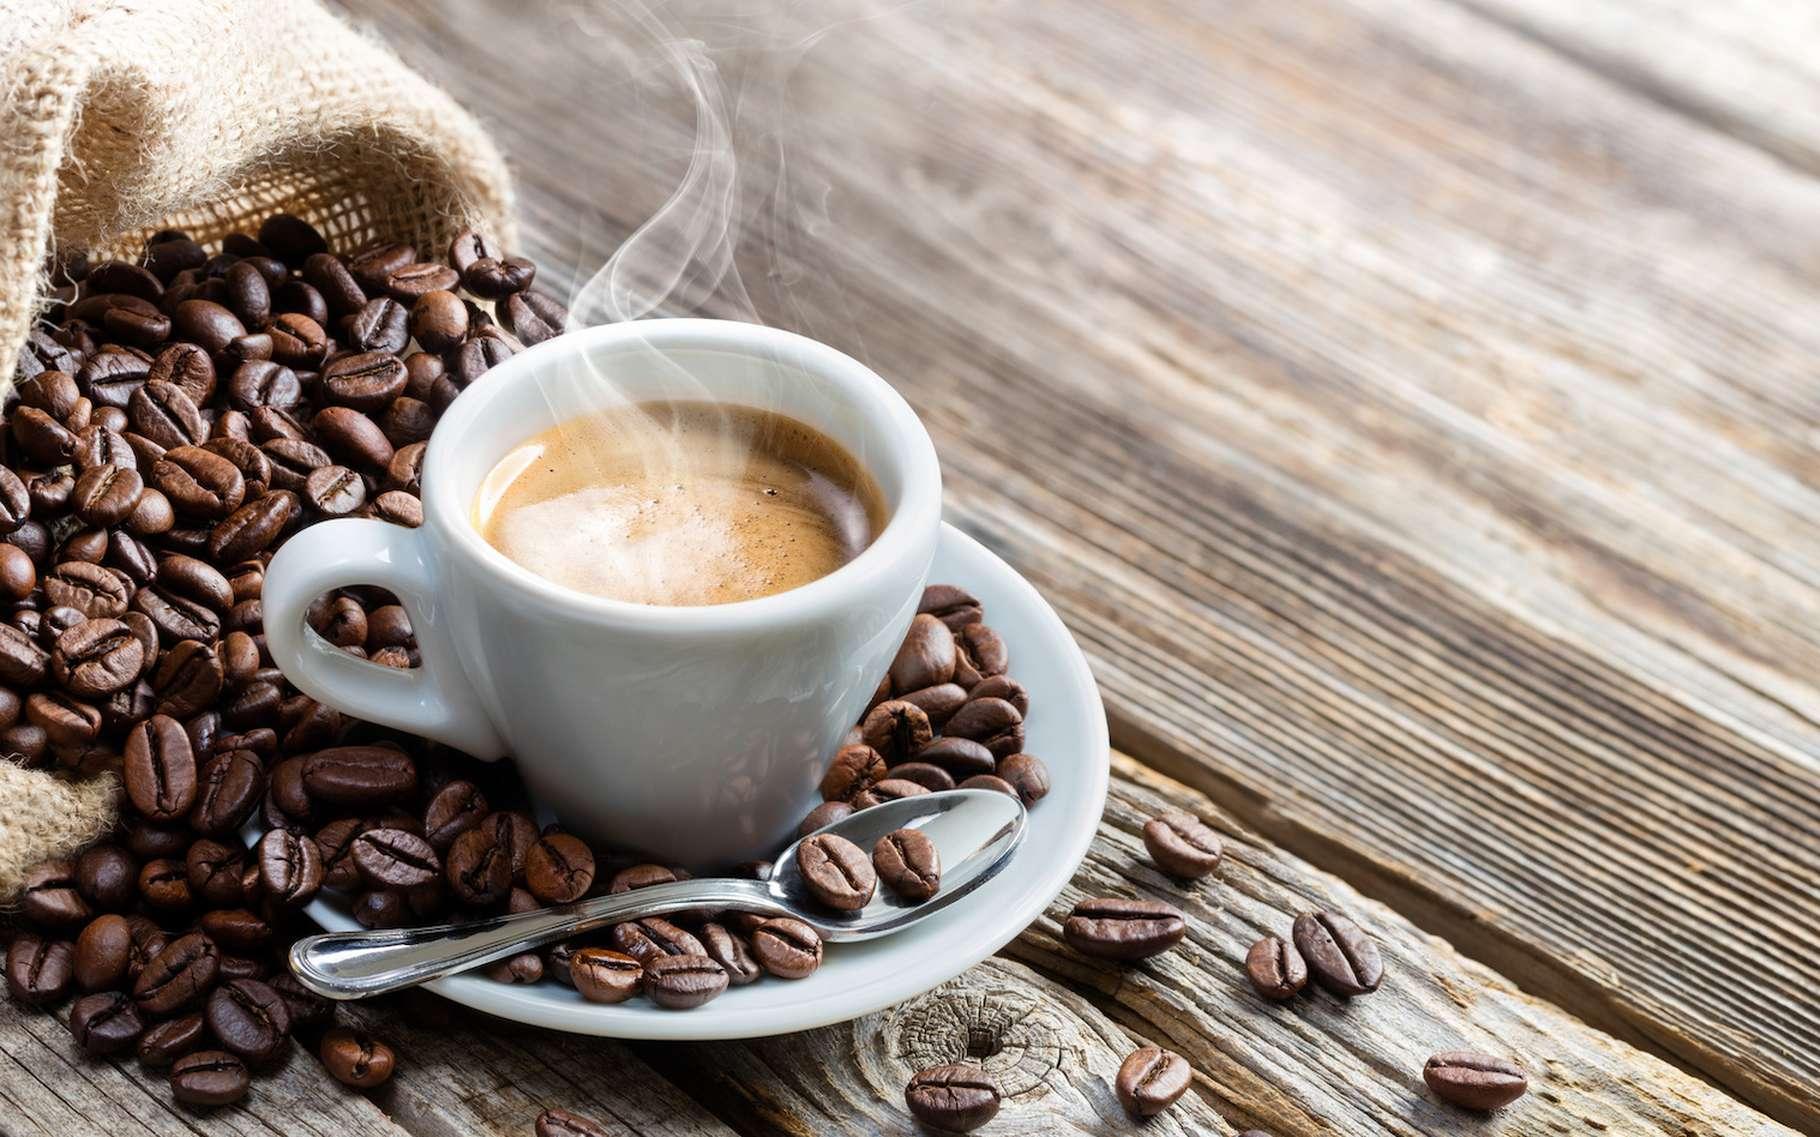 Selon une étude, 60 % des espèces de café sauvage seraient menacées d'extinction. © Romolo Tavani, Fotolia